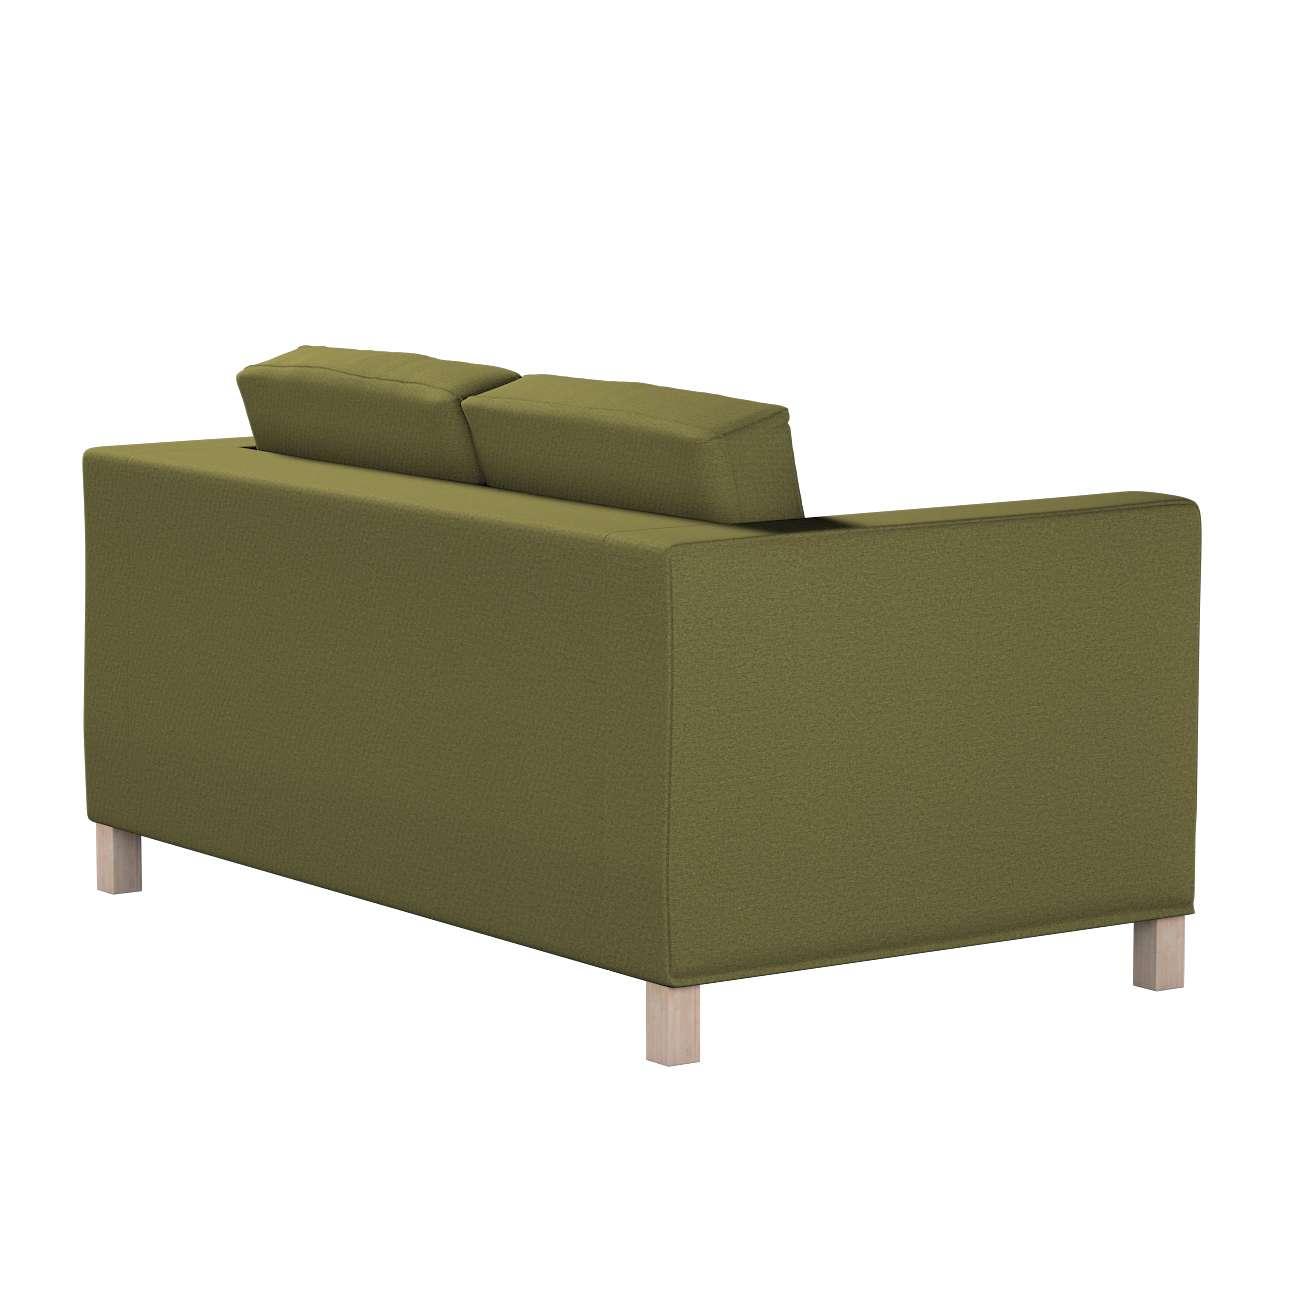 Bezug für Karlanda 2-Sitzer Sofa nicht ausklappbar, kurz von der Kollektion Etna, Stoff: 161-26